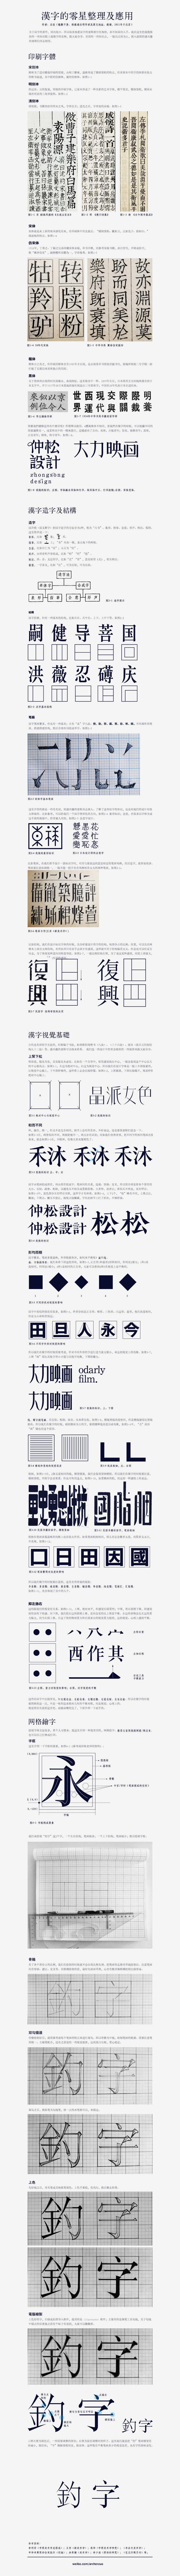 漢字的零星整理及應用